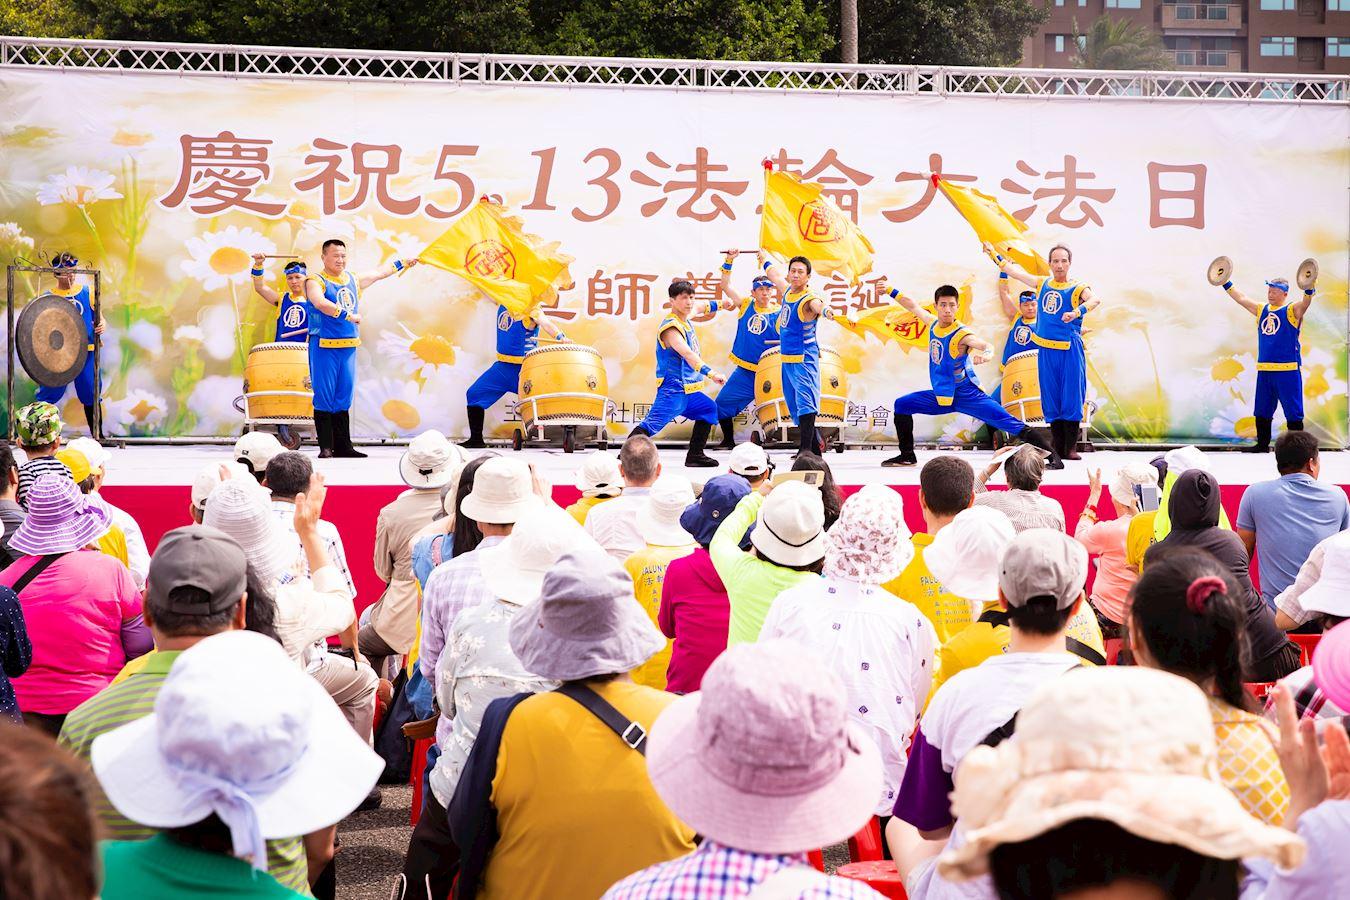 法輪功學員表演文藝節目,慶祝大法日,謝師恩。(明慧網)